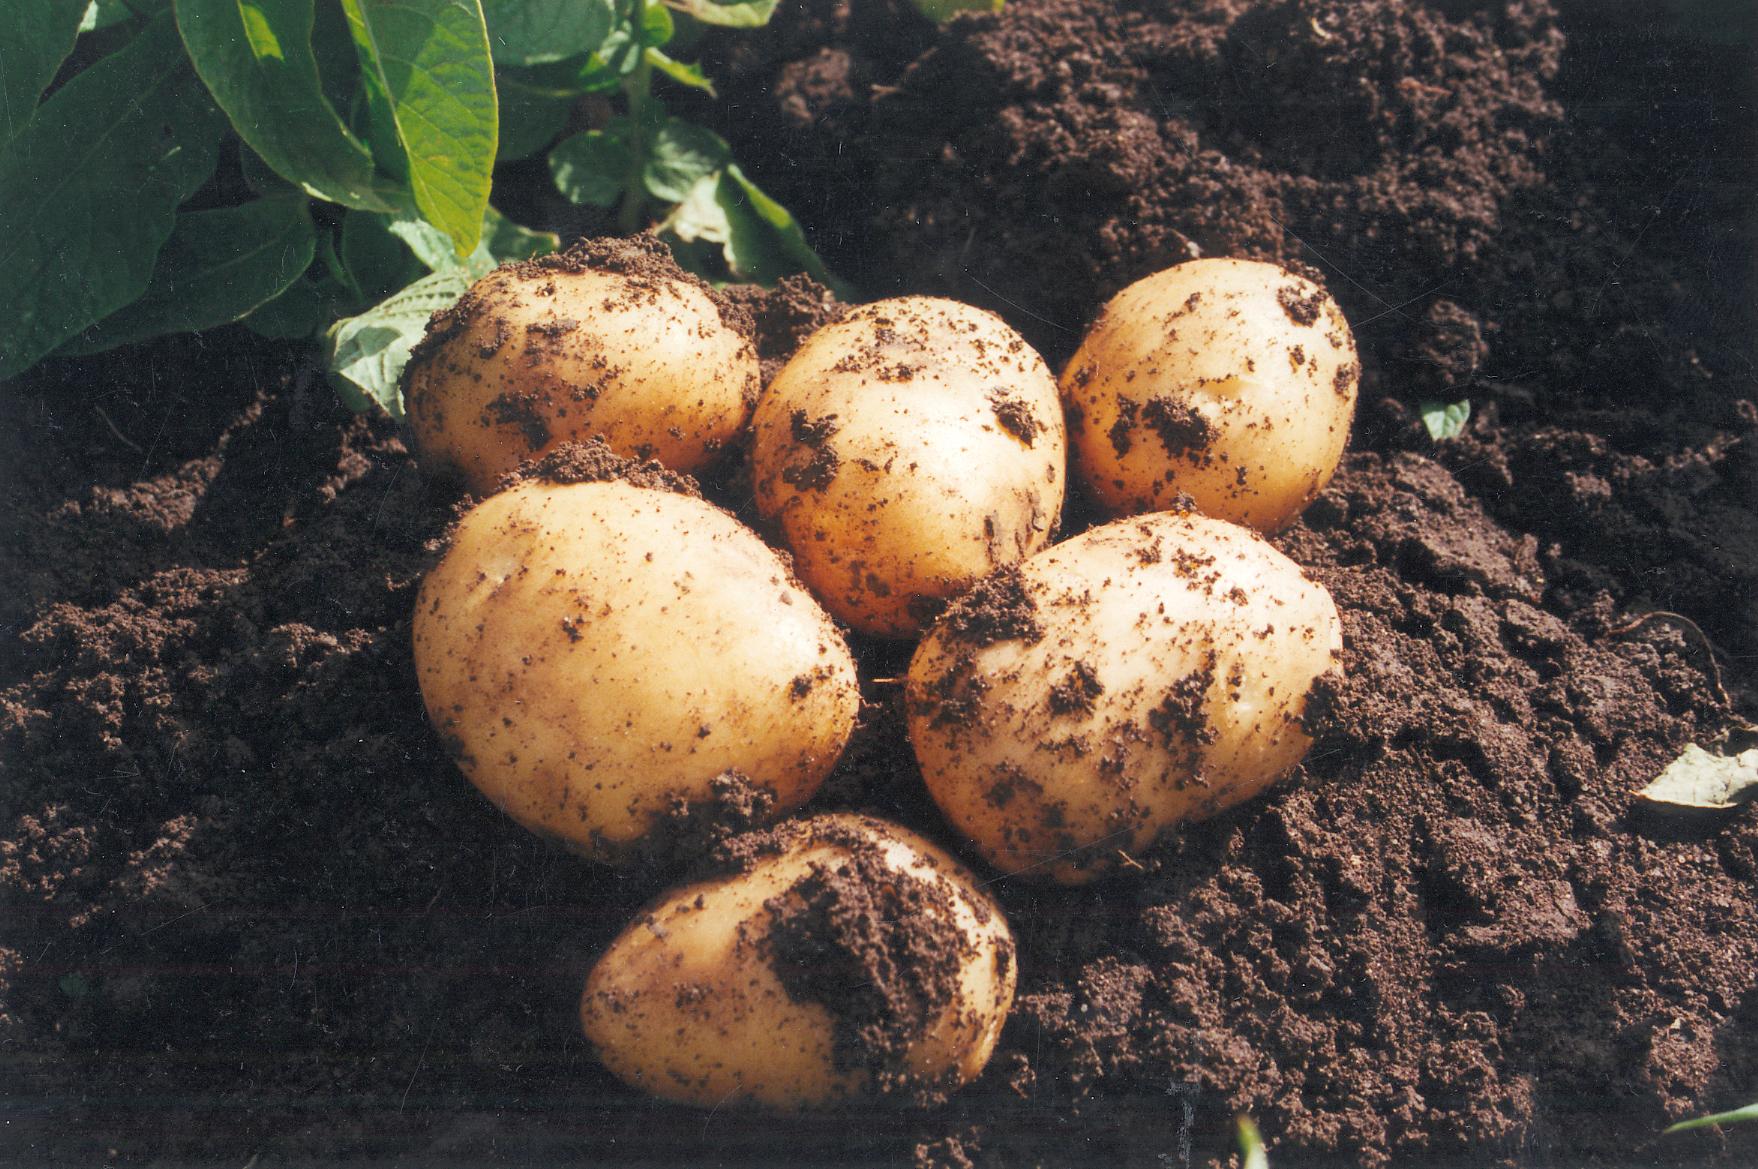 Comienza la recolección de la Patata Nueva en Andalucía, con buena calidad y volúmenes similares a los últimos años